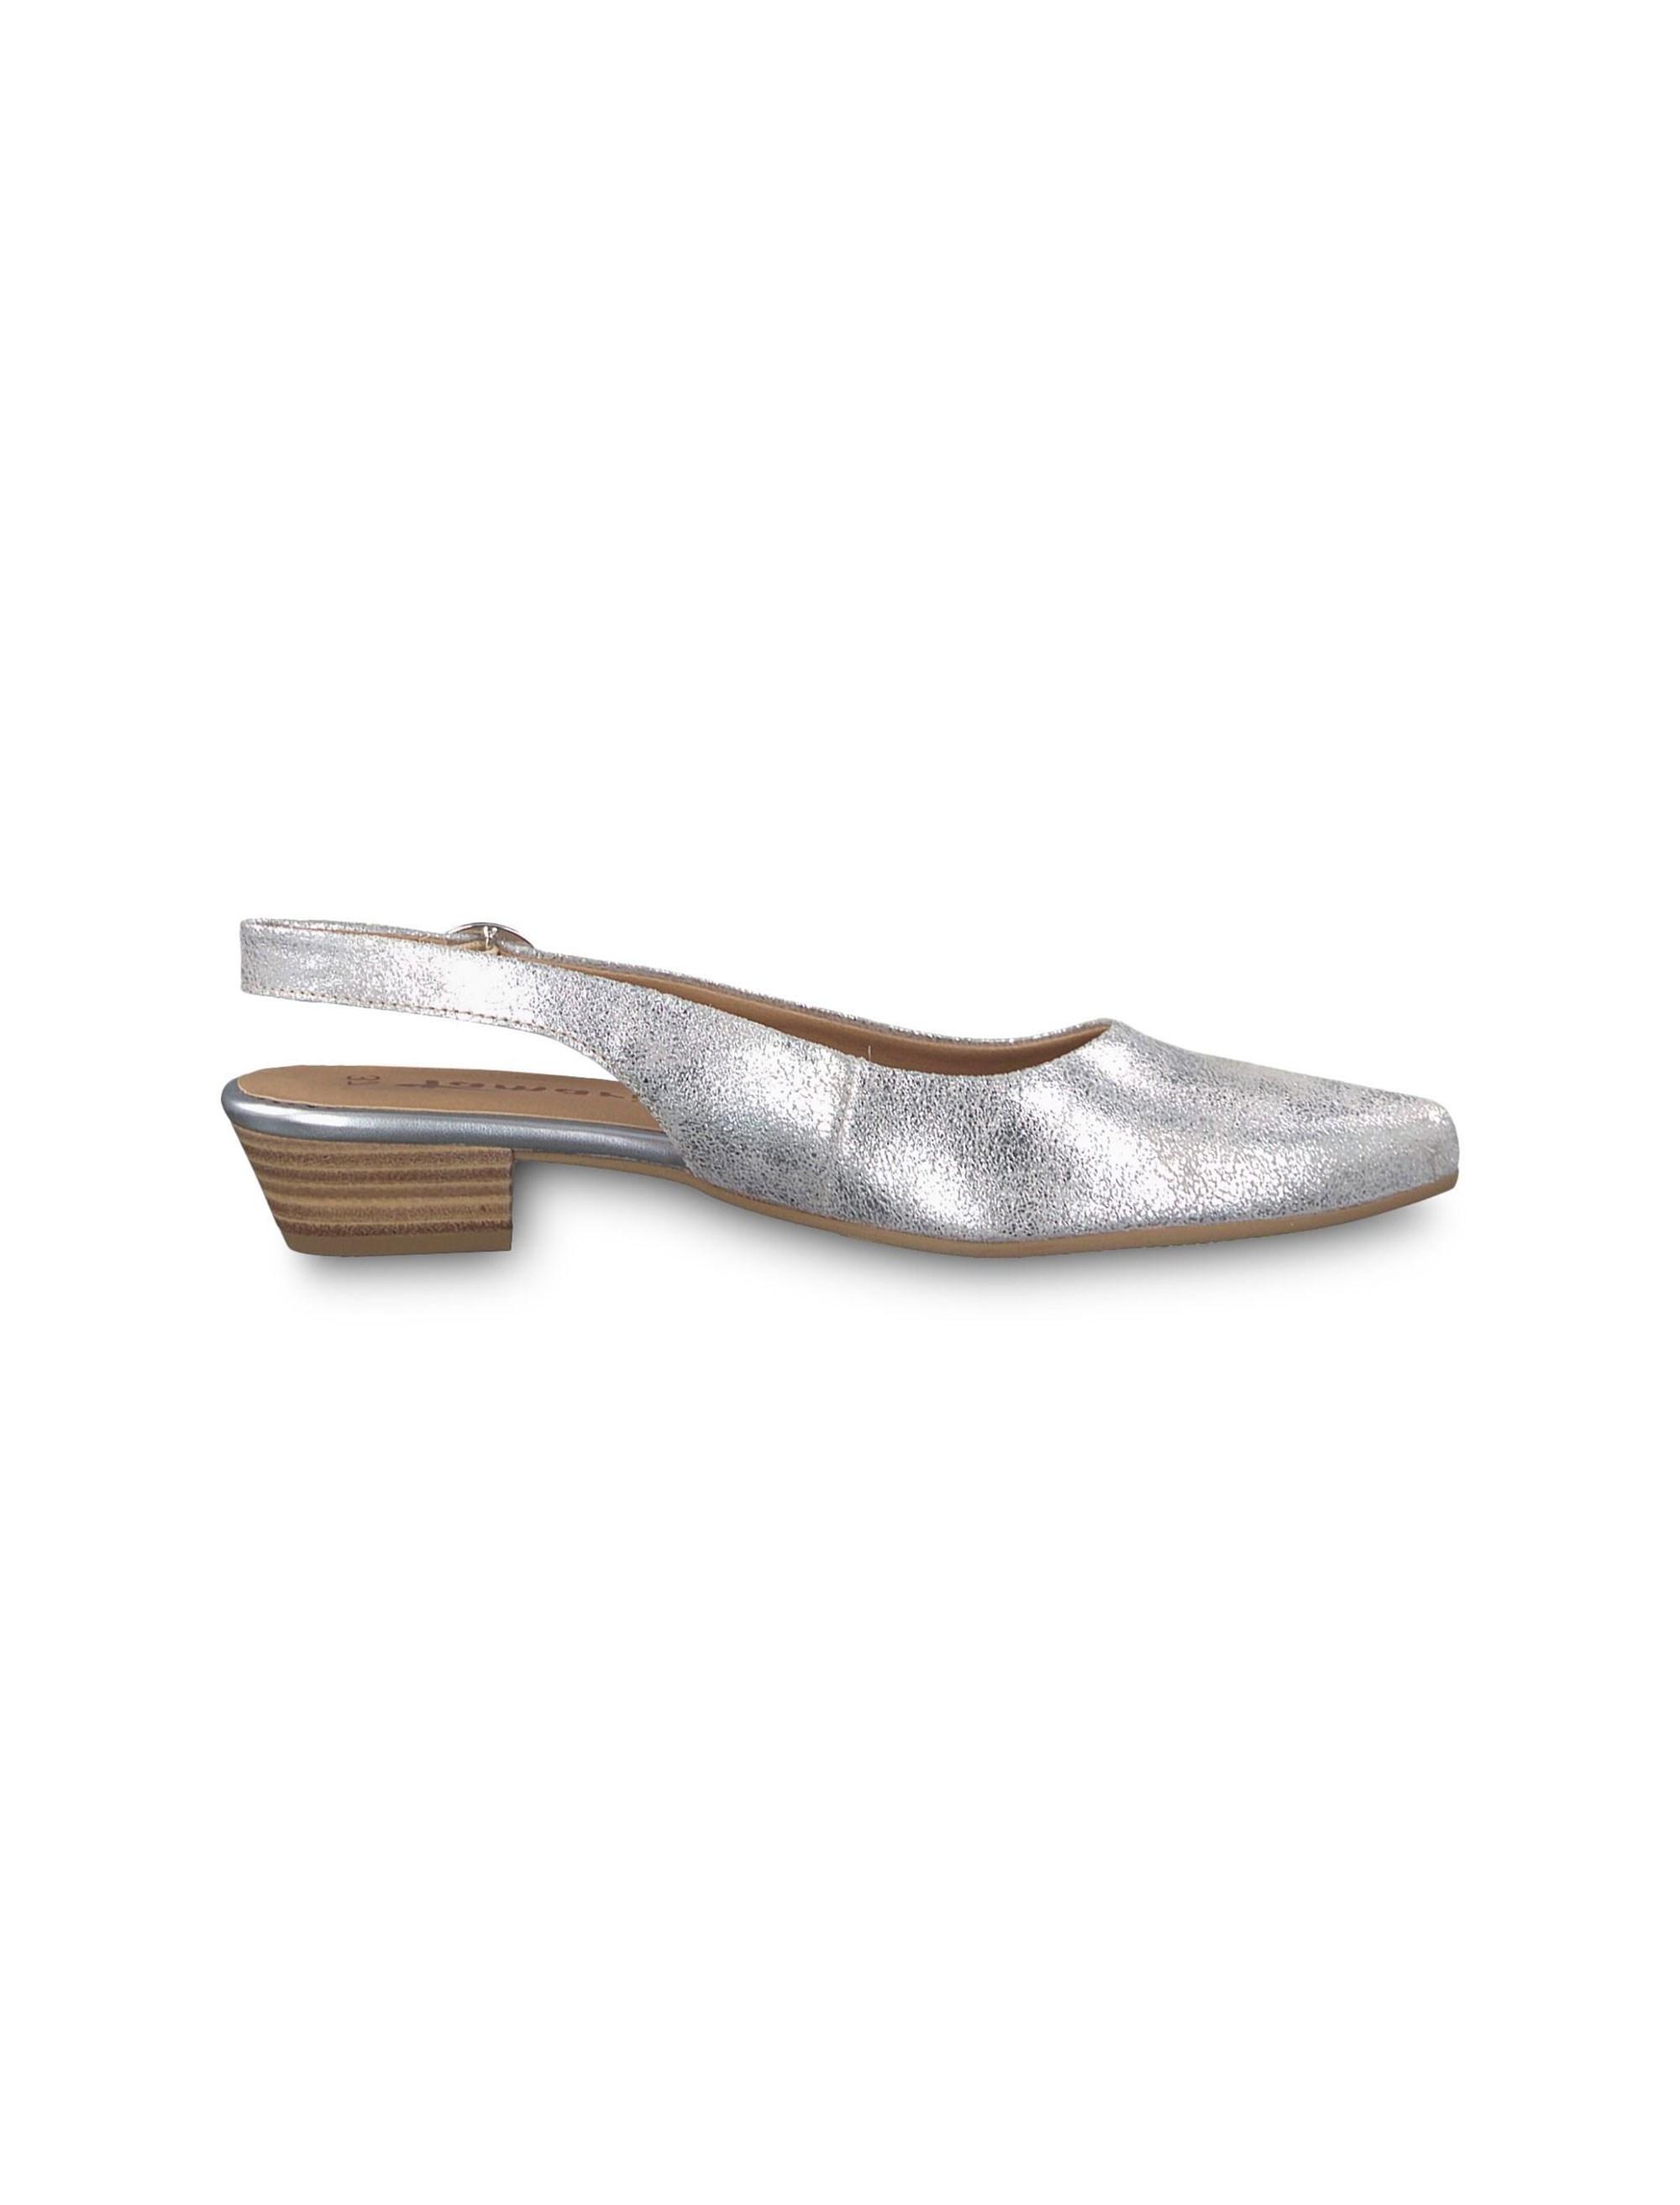 کفش پاشنه دار زنانه Trina - تاماریس - نقره اي - 1